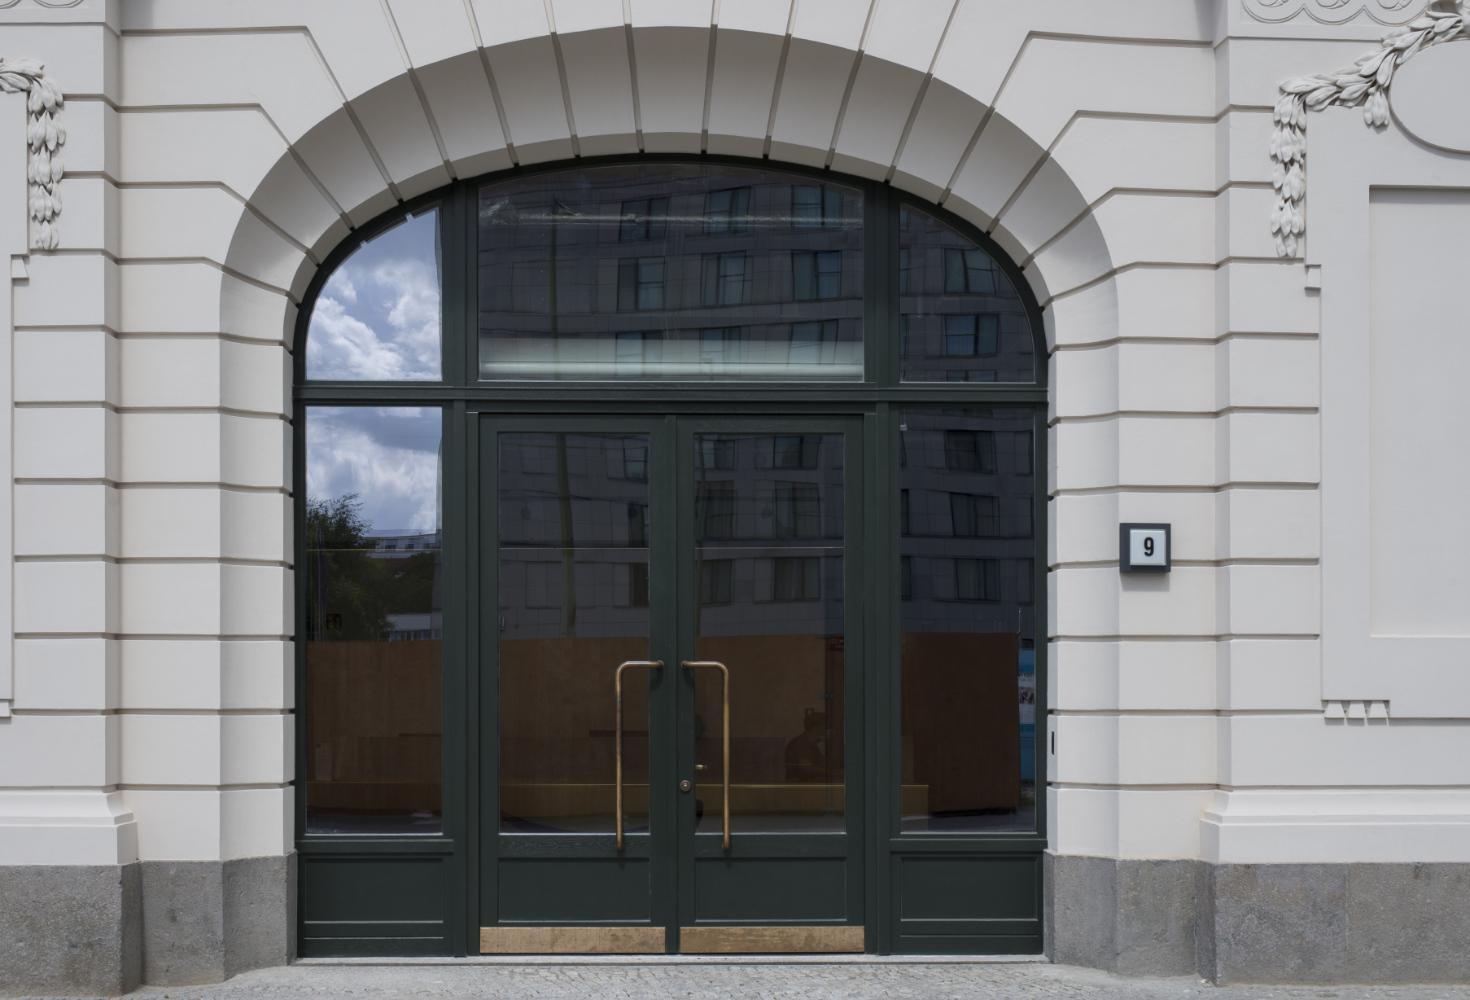 Eingangsanlage nach historischem Vorbild